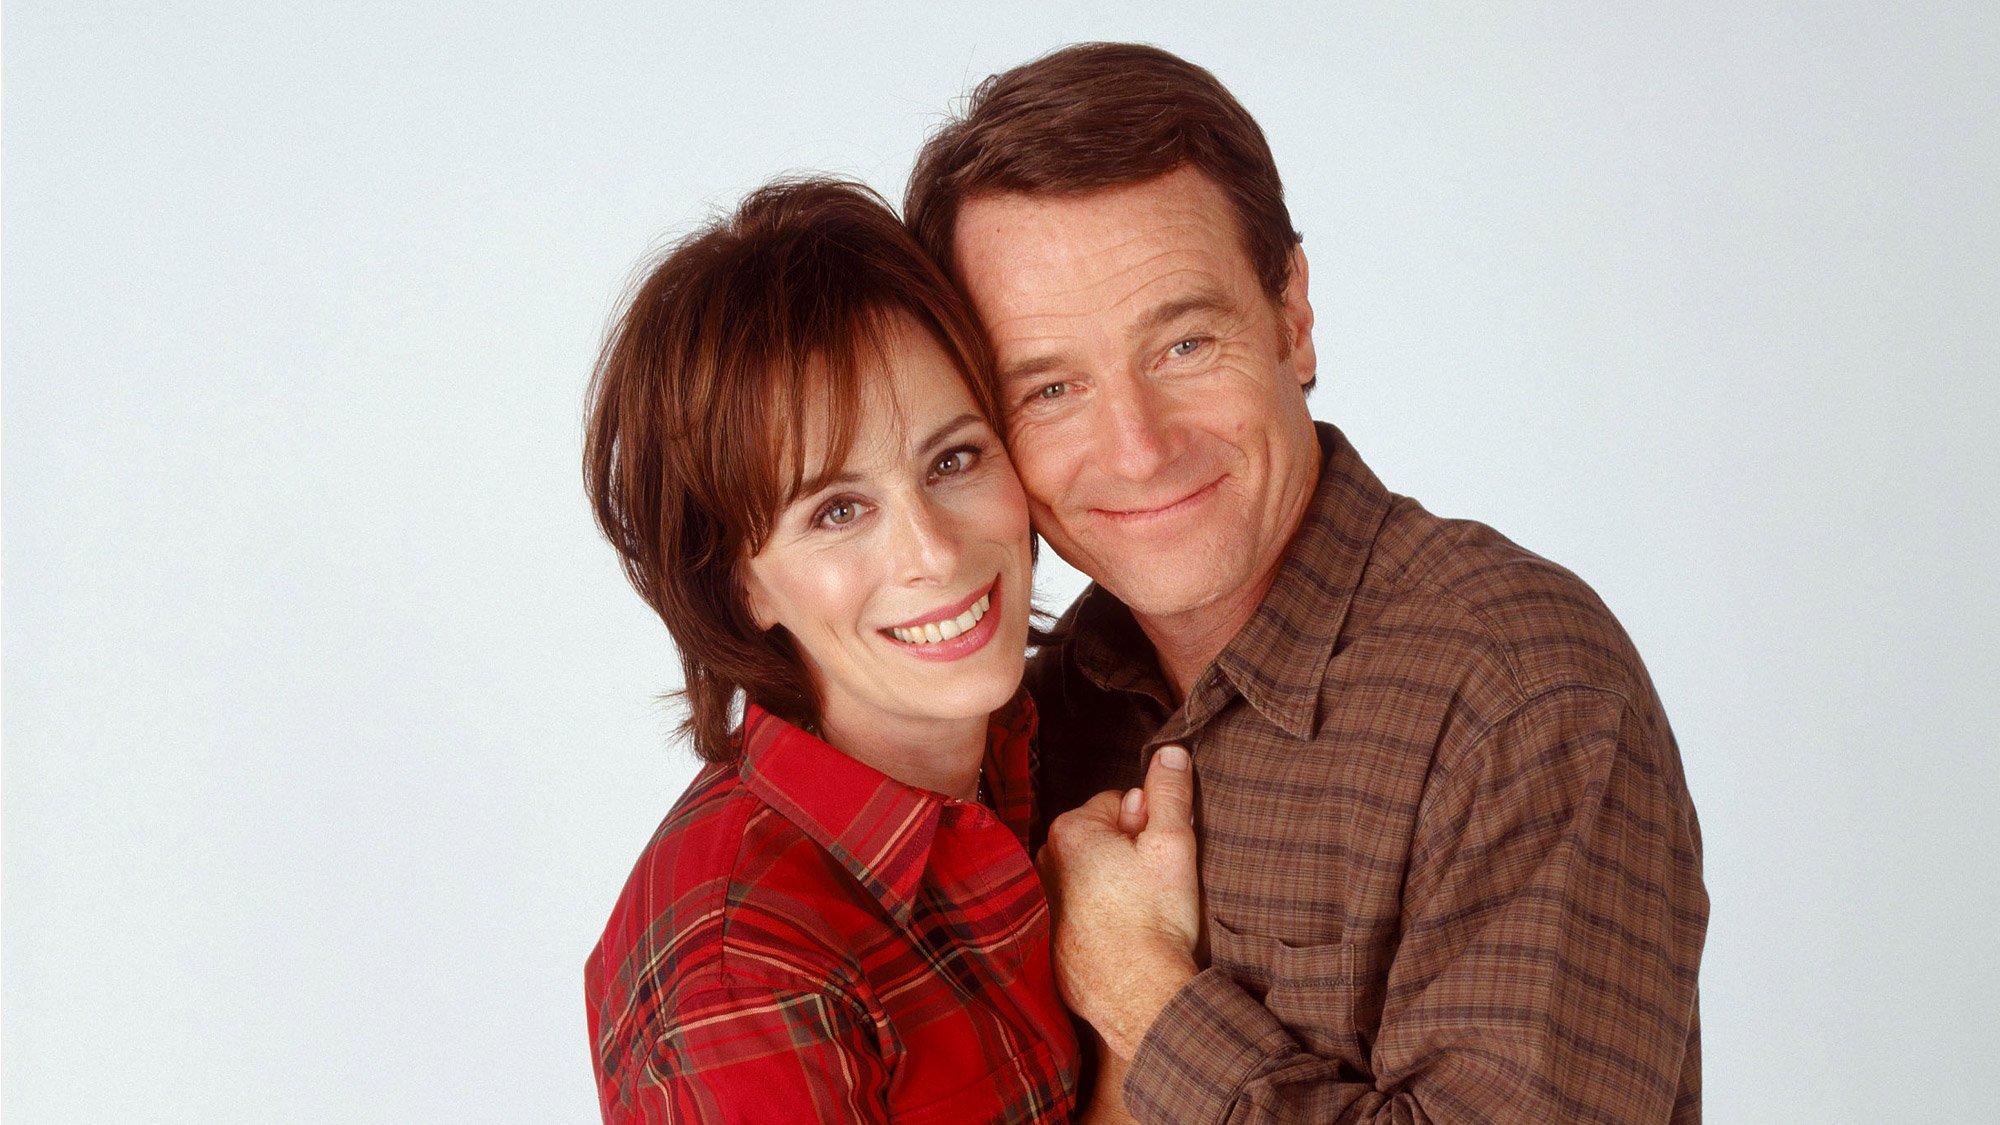 Jane Kaczmarek (Lois) et Bryan Cranston (Hal) dans